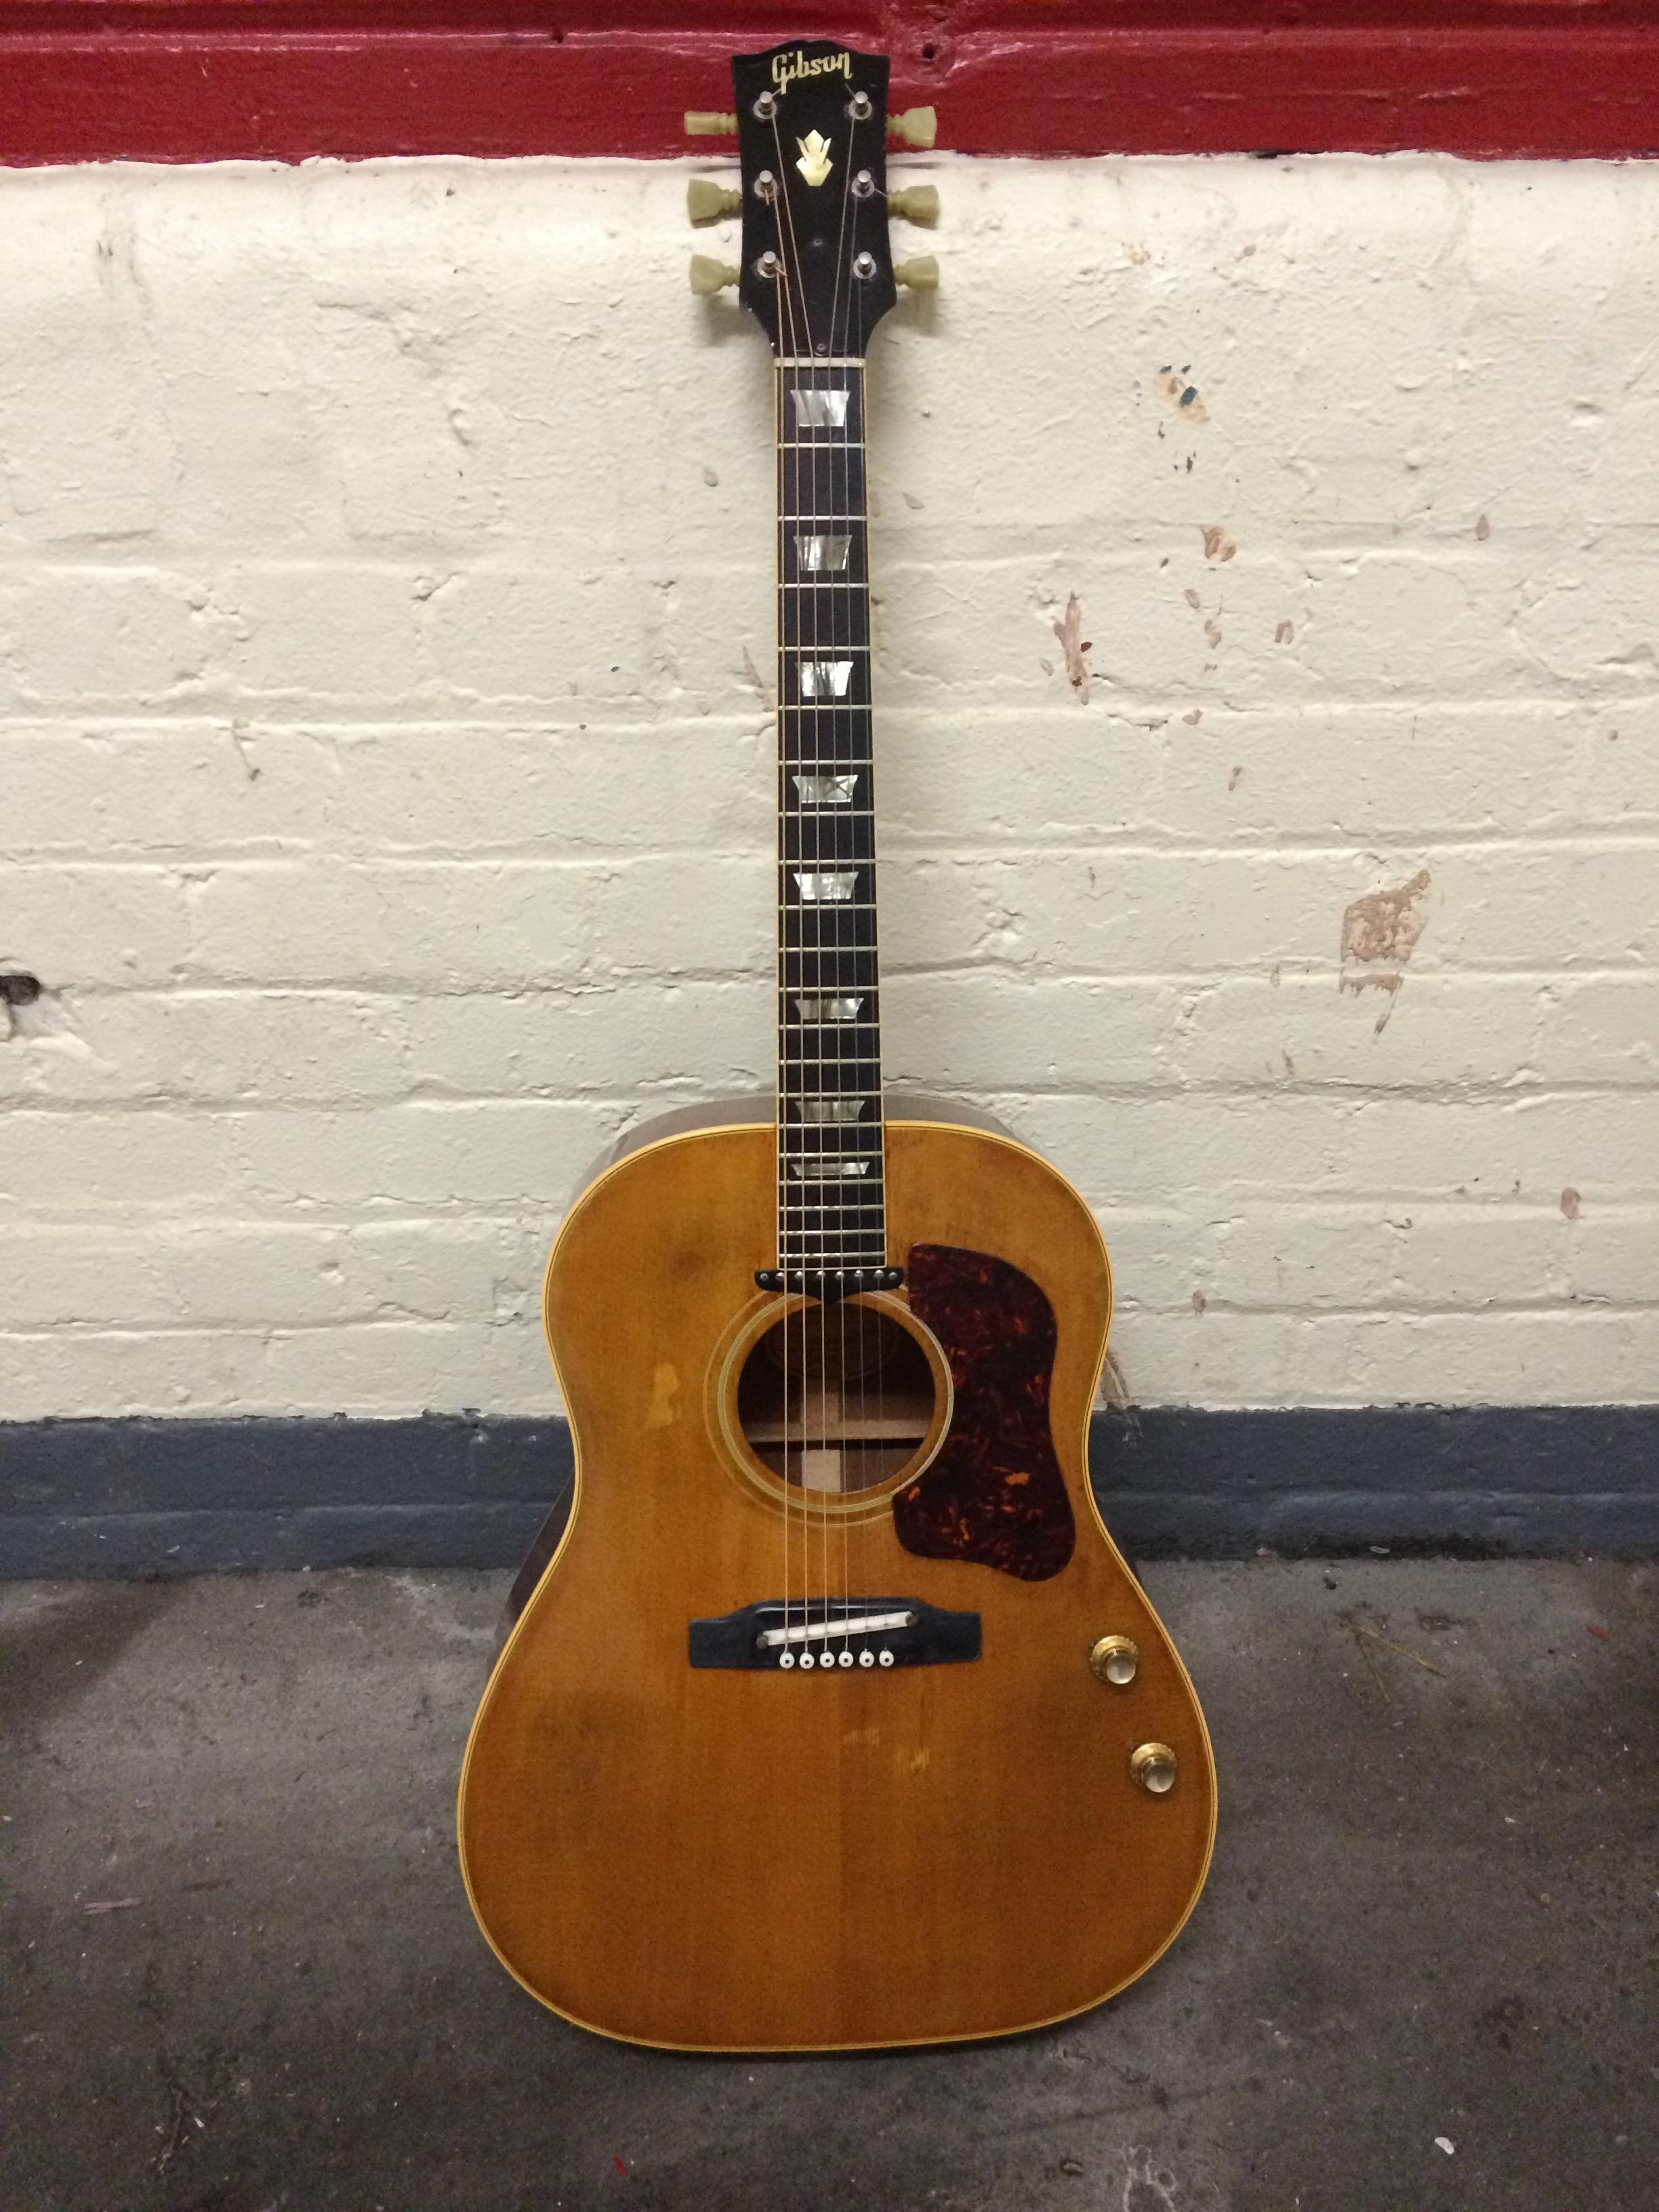 gibson j 160e 1964 natural guitar for sale richard henry guitars ltd. Black Bedroom Furniture Sets. Home Design Ideas